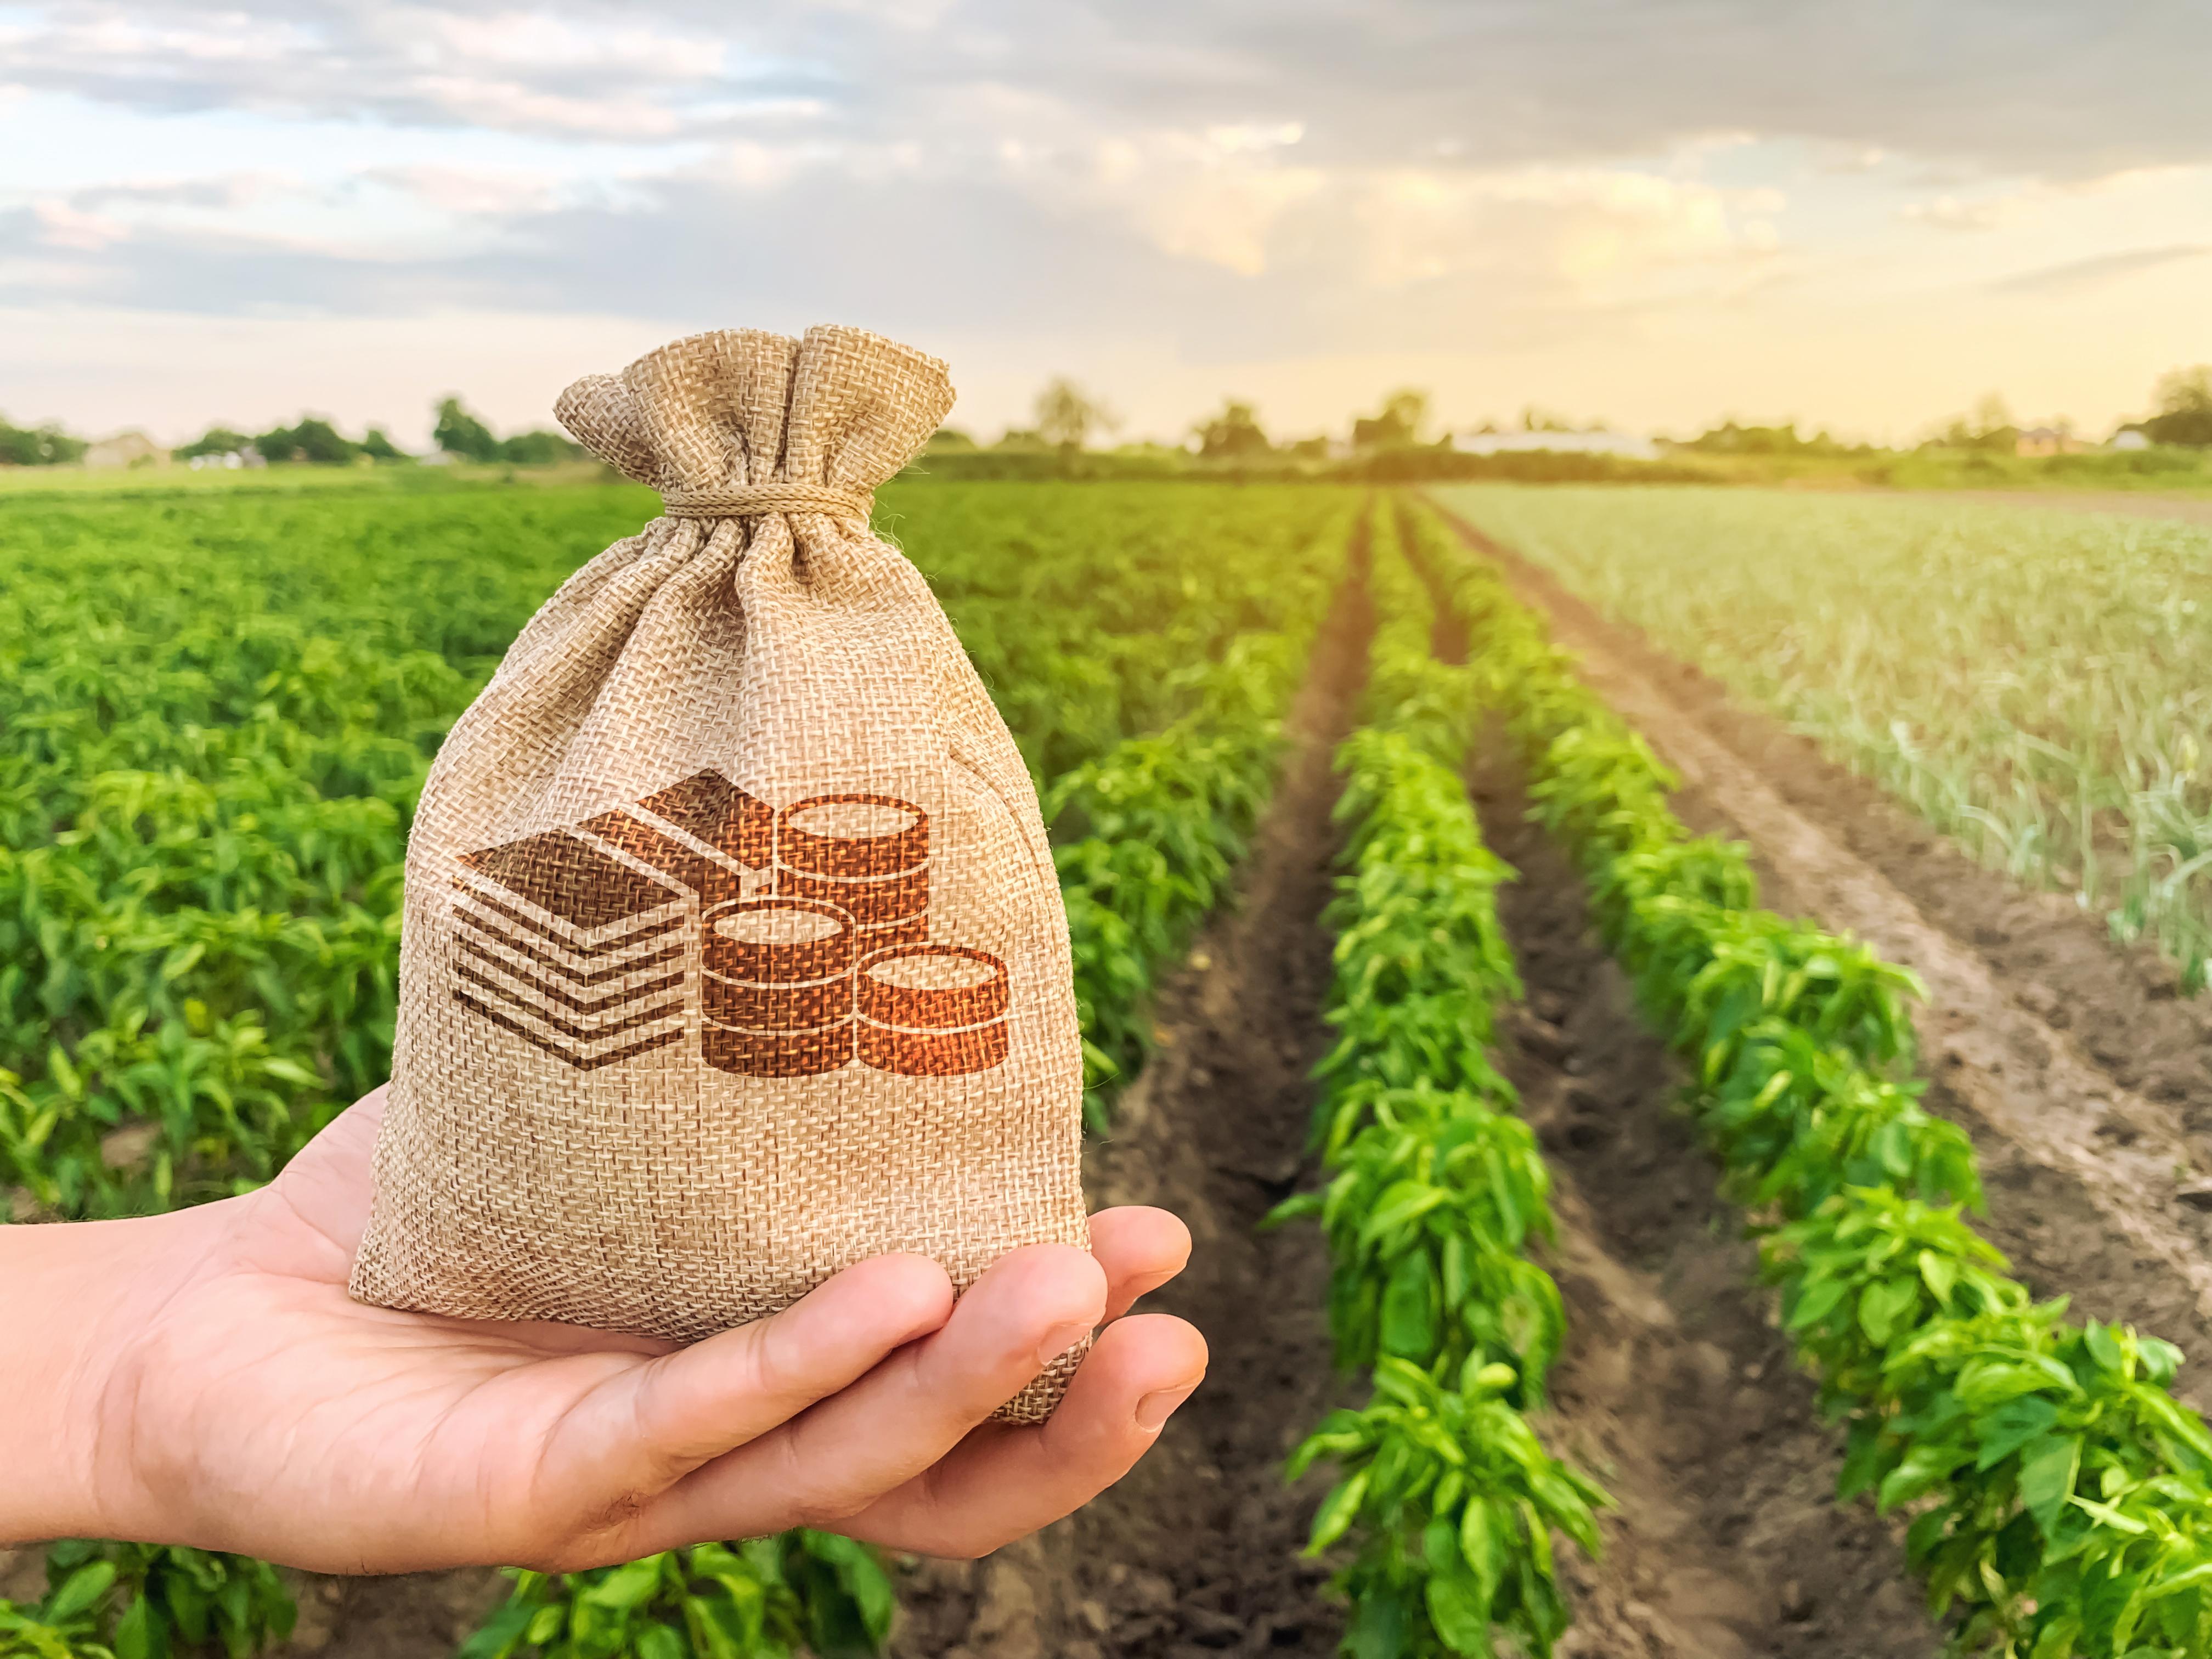 (P) Companiile se adaptează noilor reguli. Agricover Credit IFN SA povestește experiența sa cu soluția Paperless flowSIGN